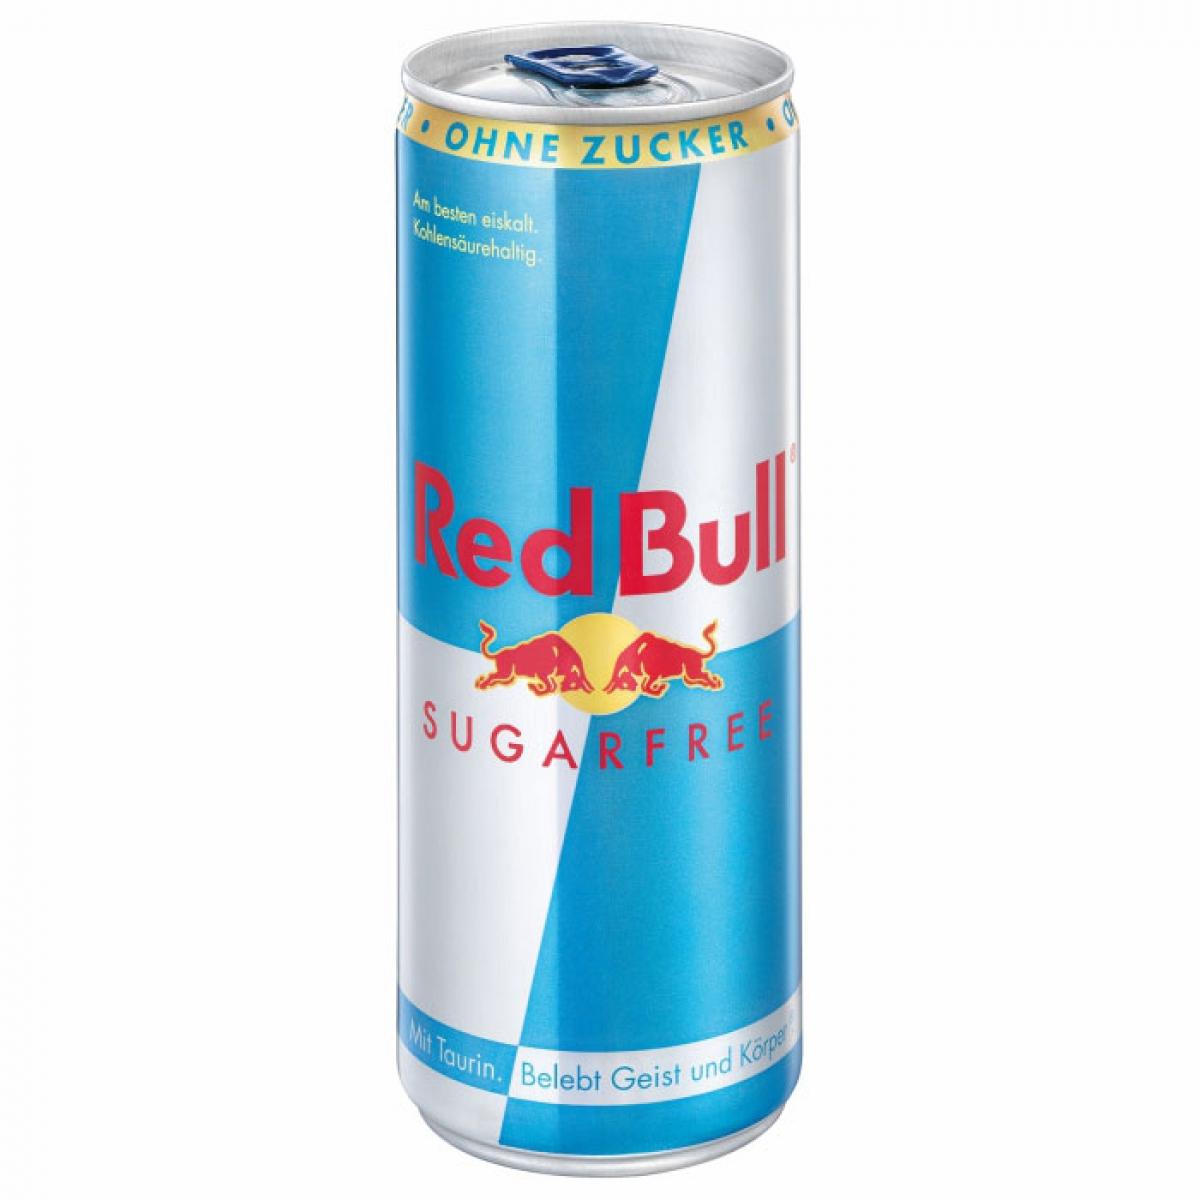 RedBull SugarFREE 24x0,25L